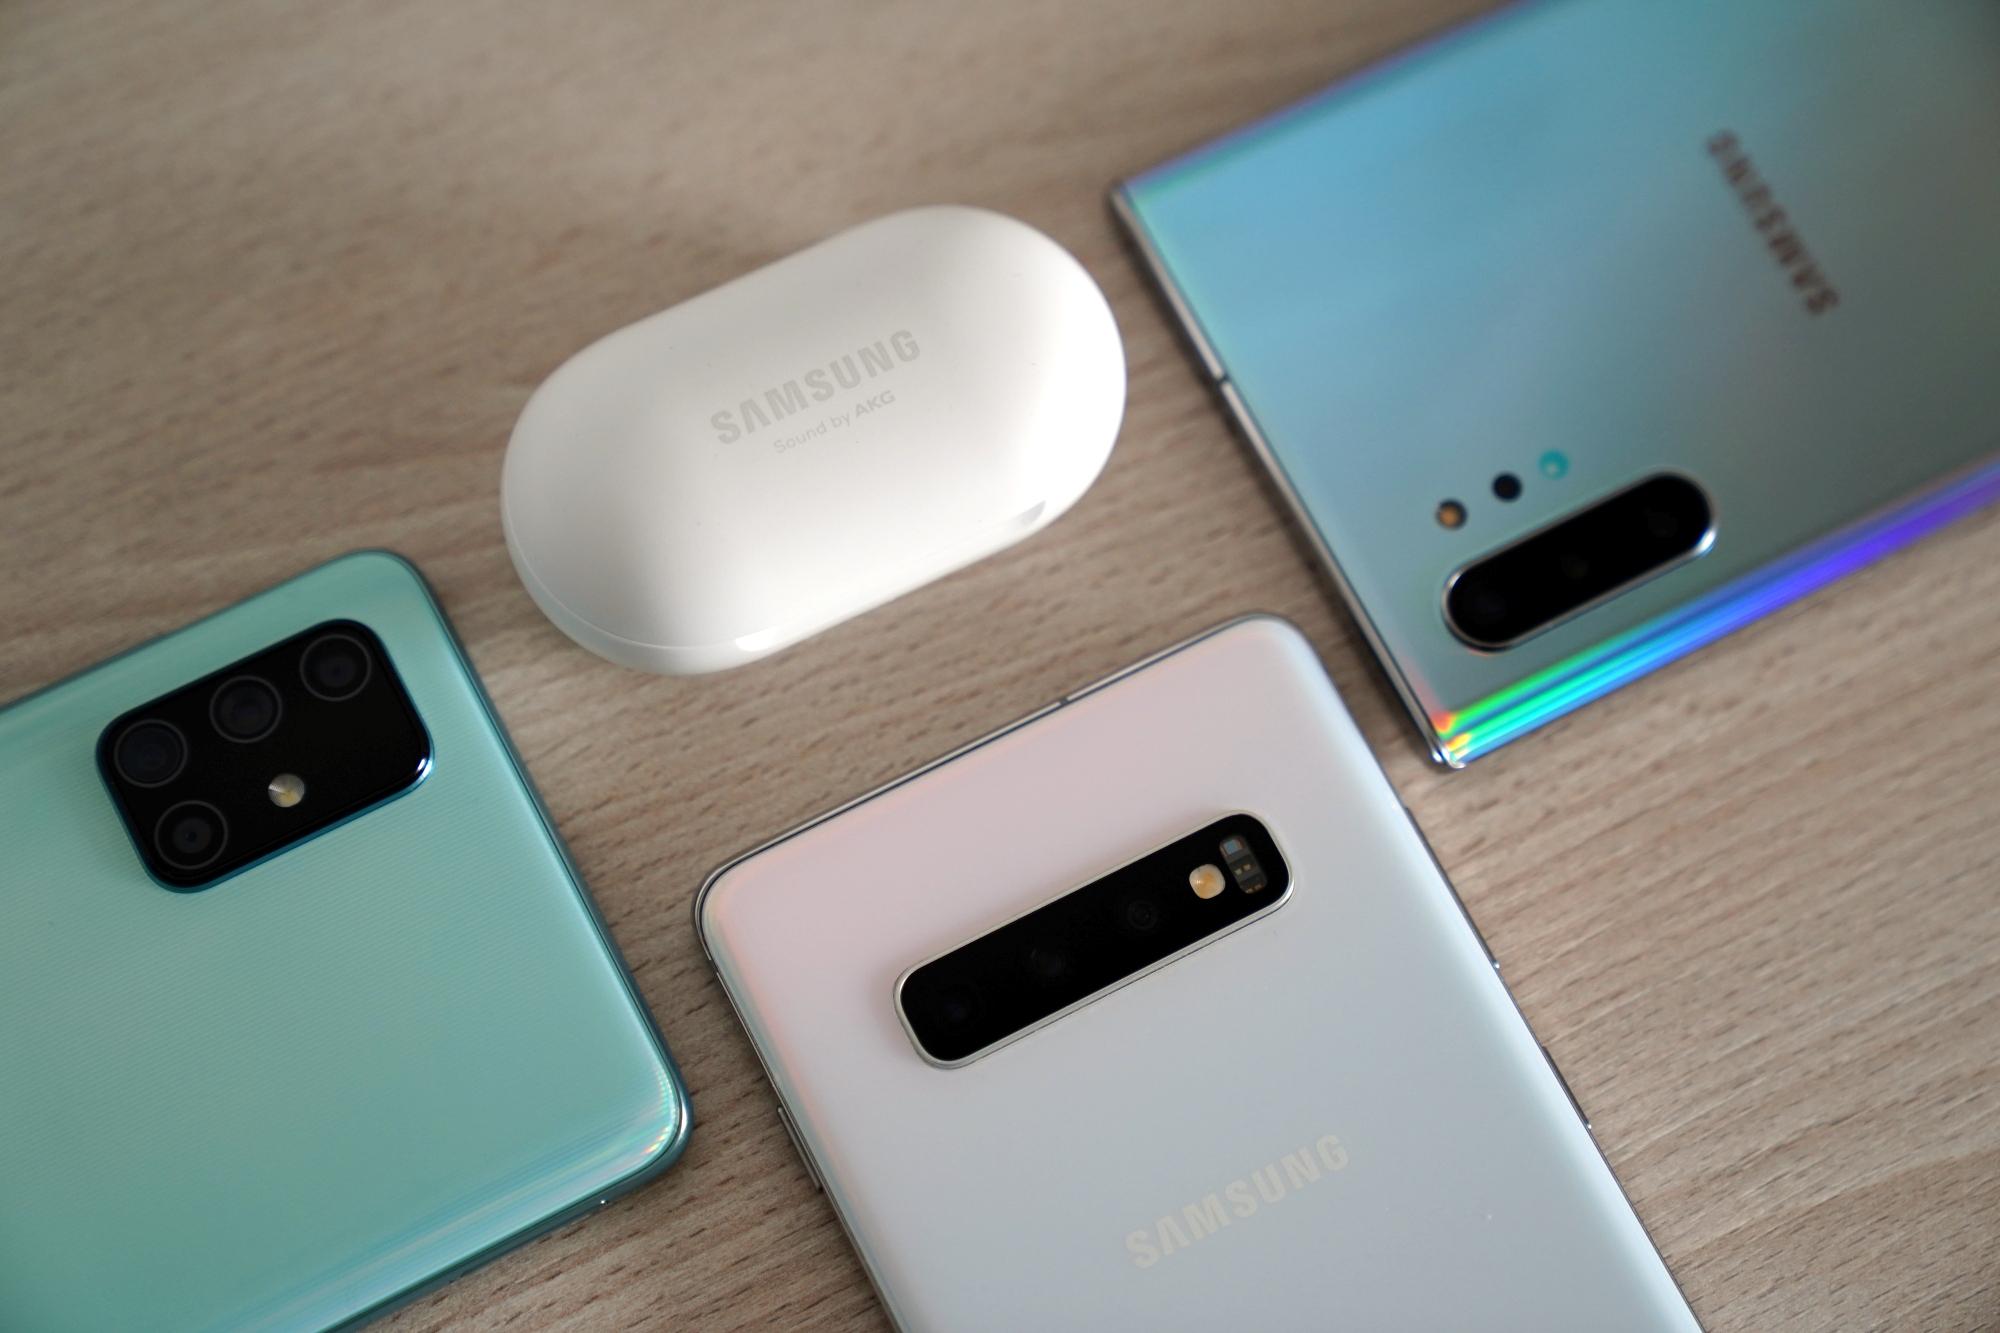 Od premiery Samsunga Galaxy S10+ właśnie mija rok. Czy wciąż warto go kupić?